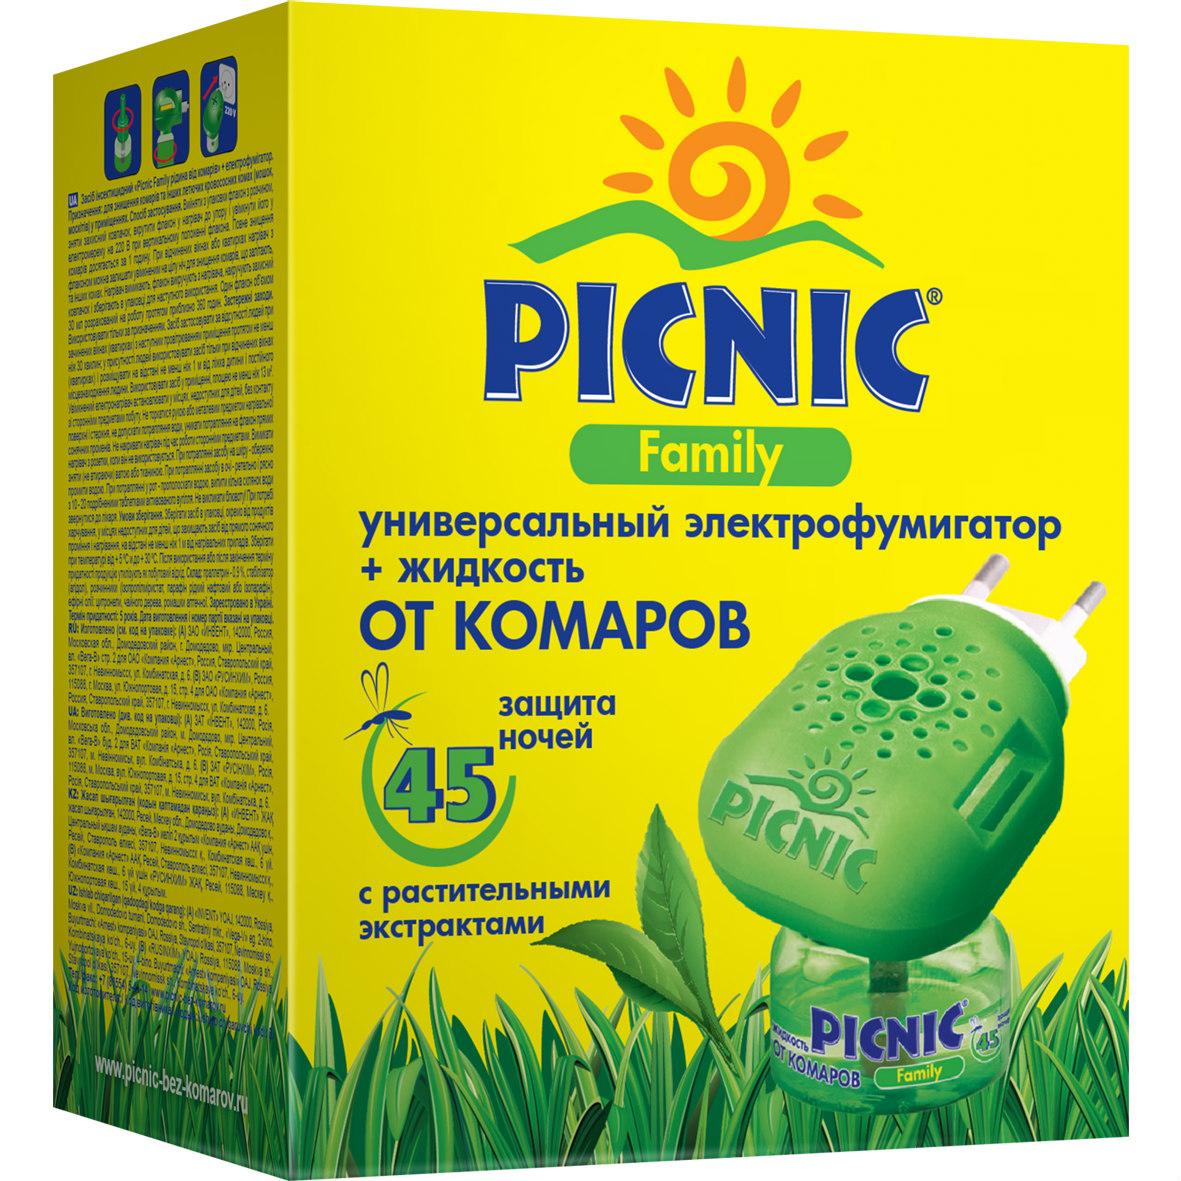 Комплект от комаров Picnic Family: электрофумигатор, жидкость от комаров на 45 ночей рейд электрофумигатор пластины от комаров 10шт